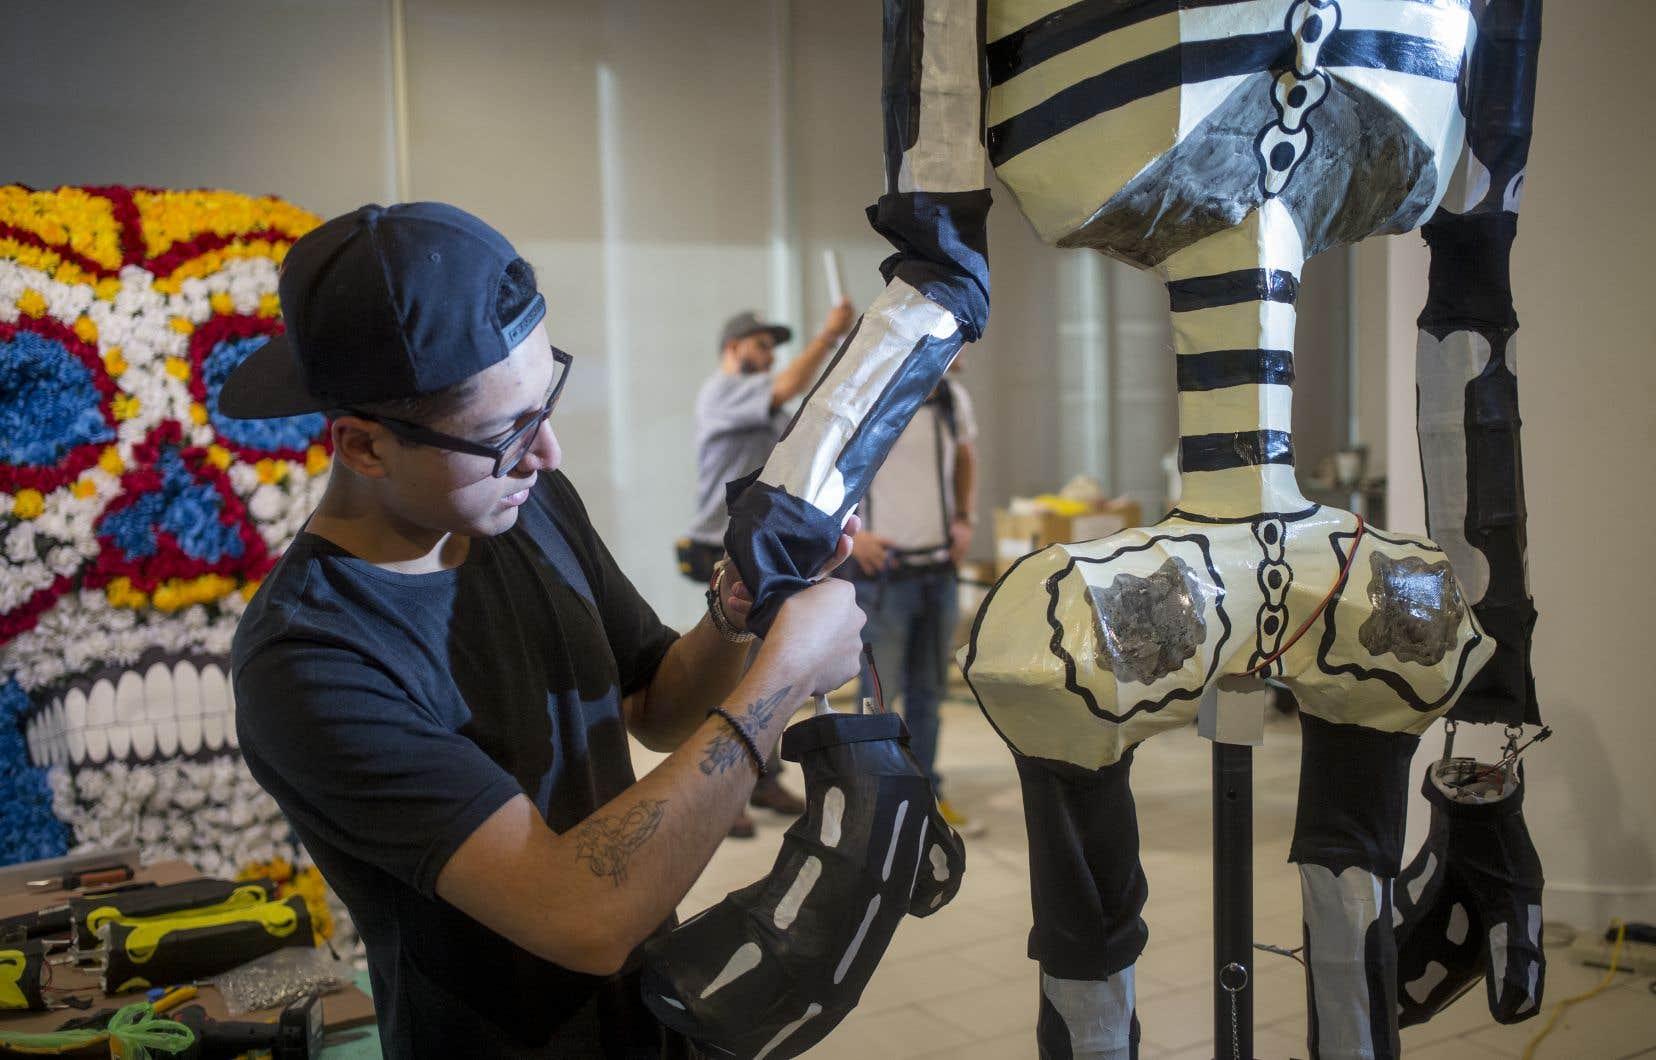 Les «cartoneros», comme on appelle les artisans du papier mâché, préparent les «catrinas» pour les célébrations dans le Vieux-Port de Montréal ce week-end.